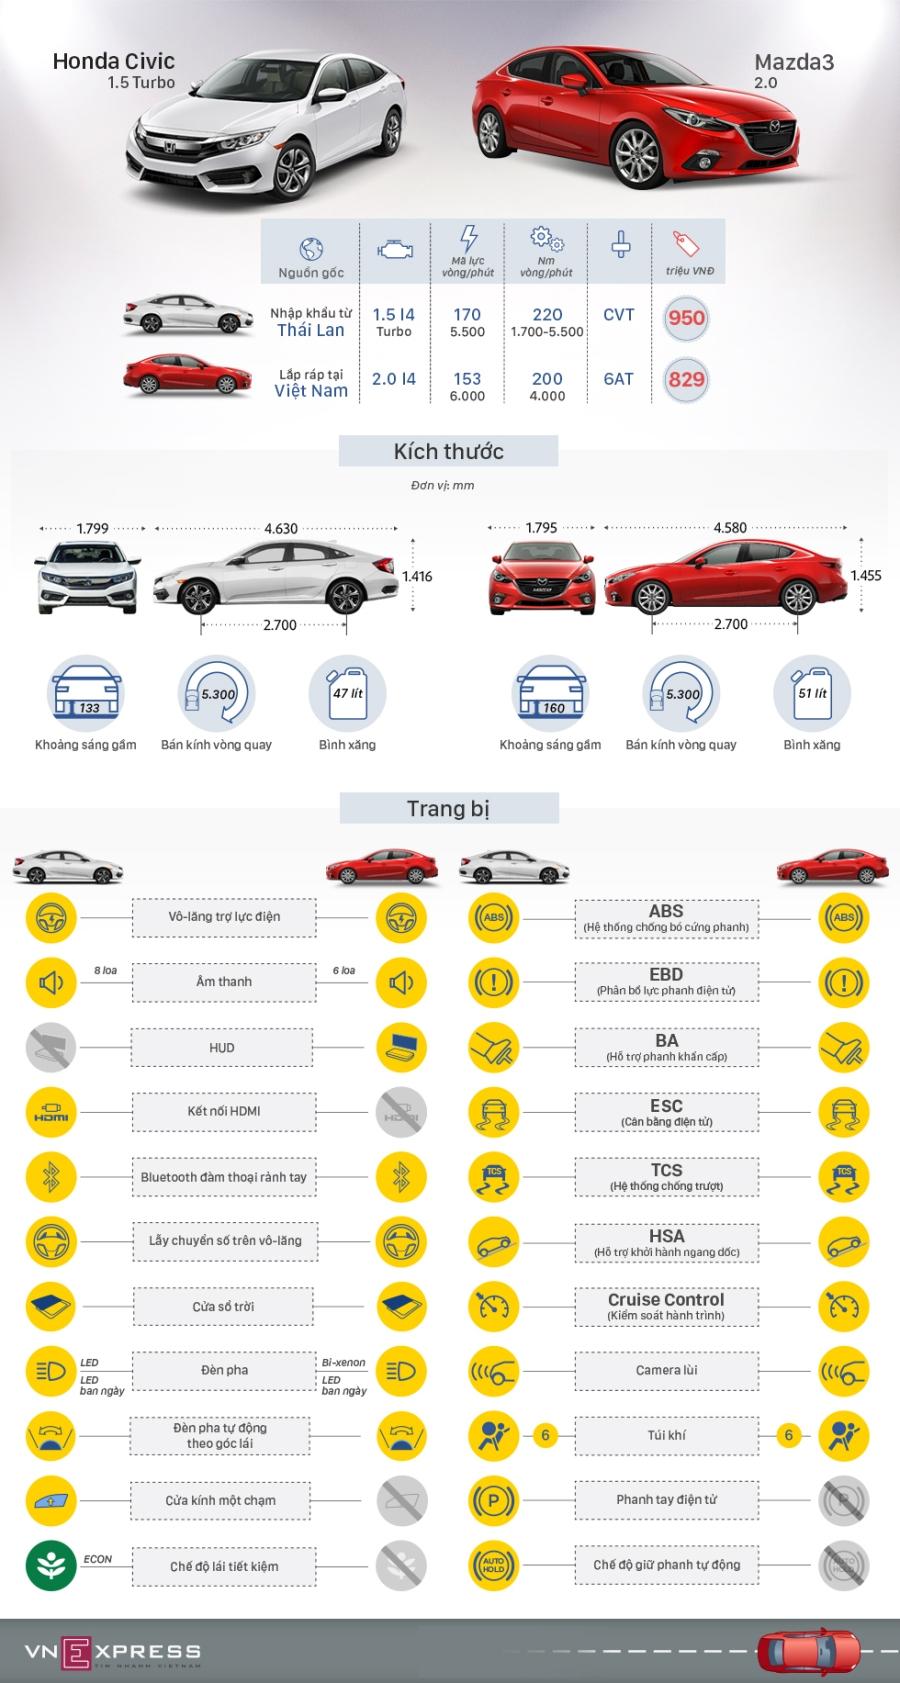 Cơ hội nào cho Honda Civic trước Mazda3 tại Việt Nam?